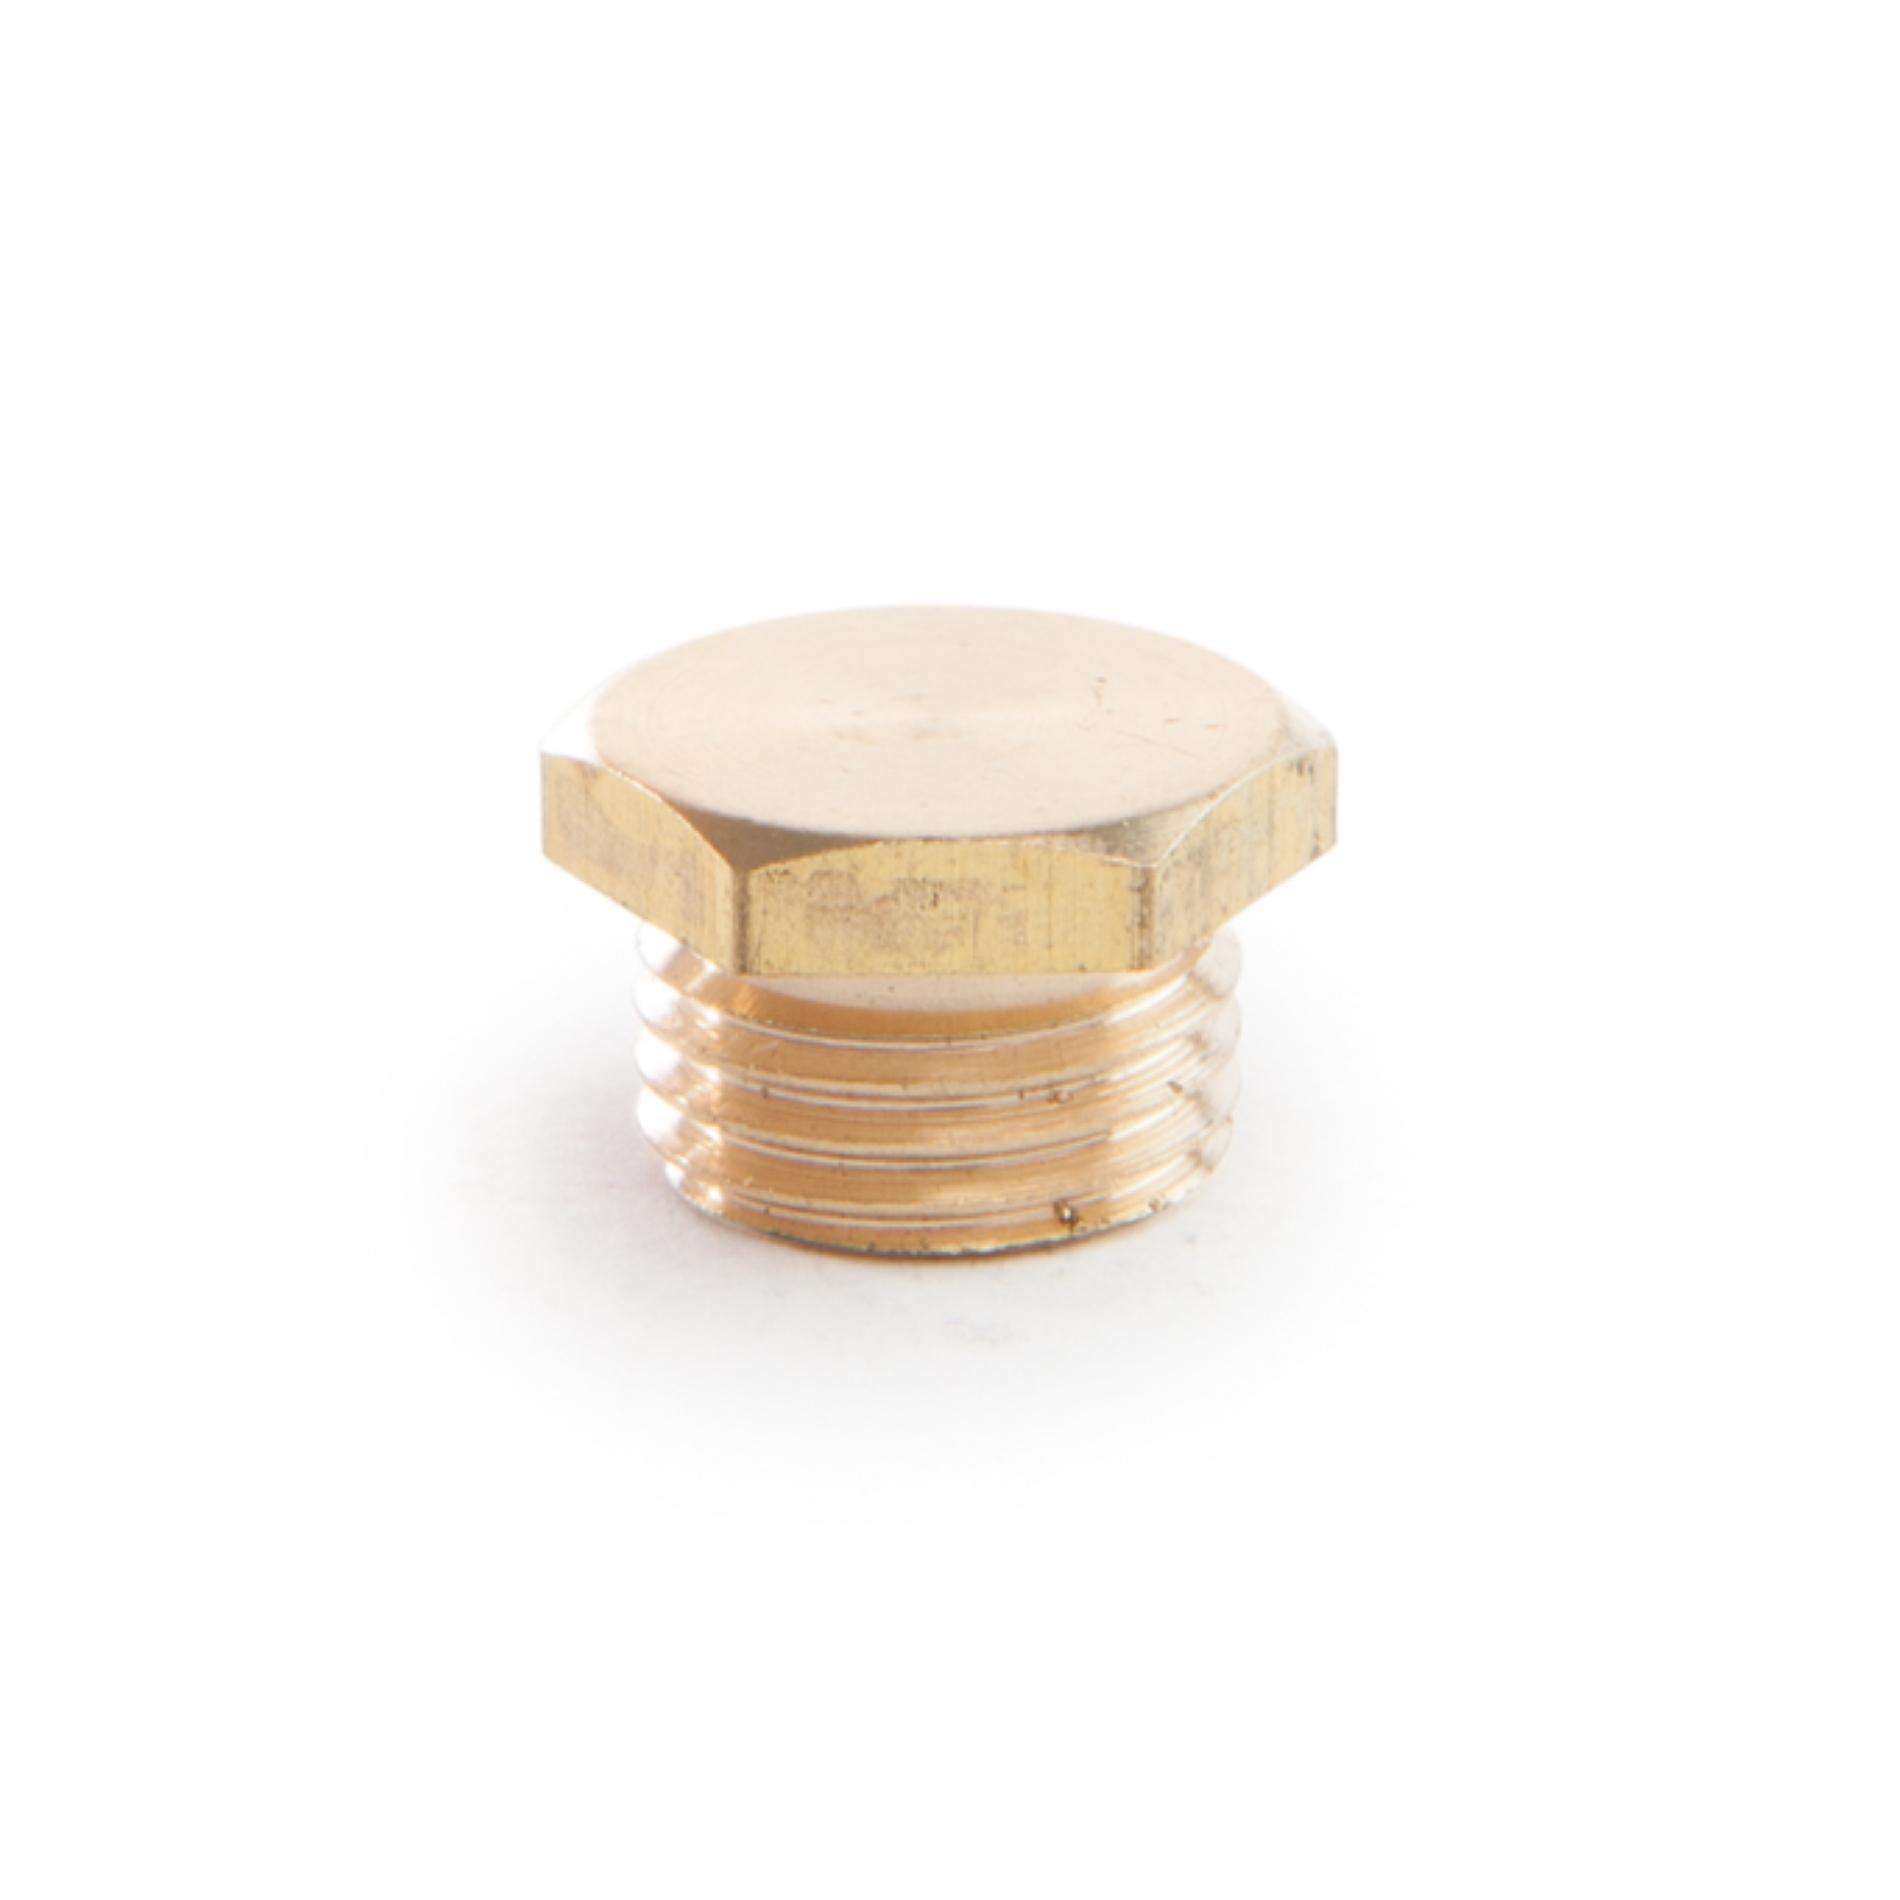 23T Tappo giallo per saracinesca 230 Plug for gate valve 230 brass finishing spare parts accessori ricambi